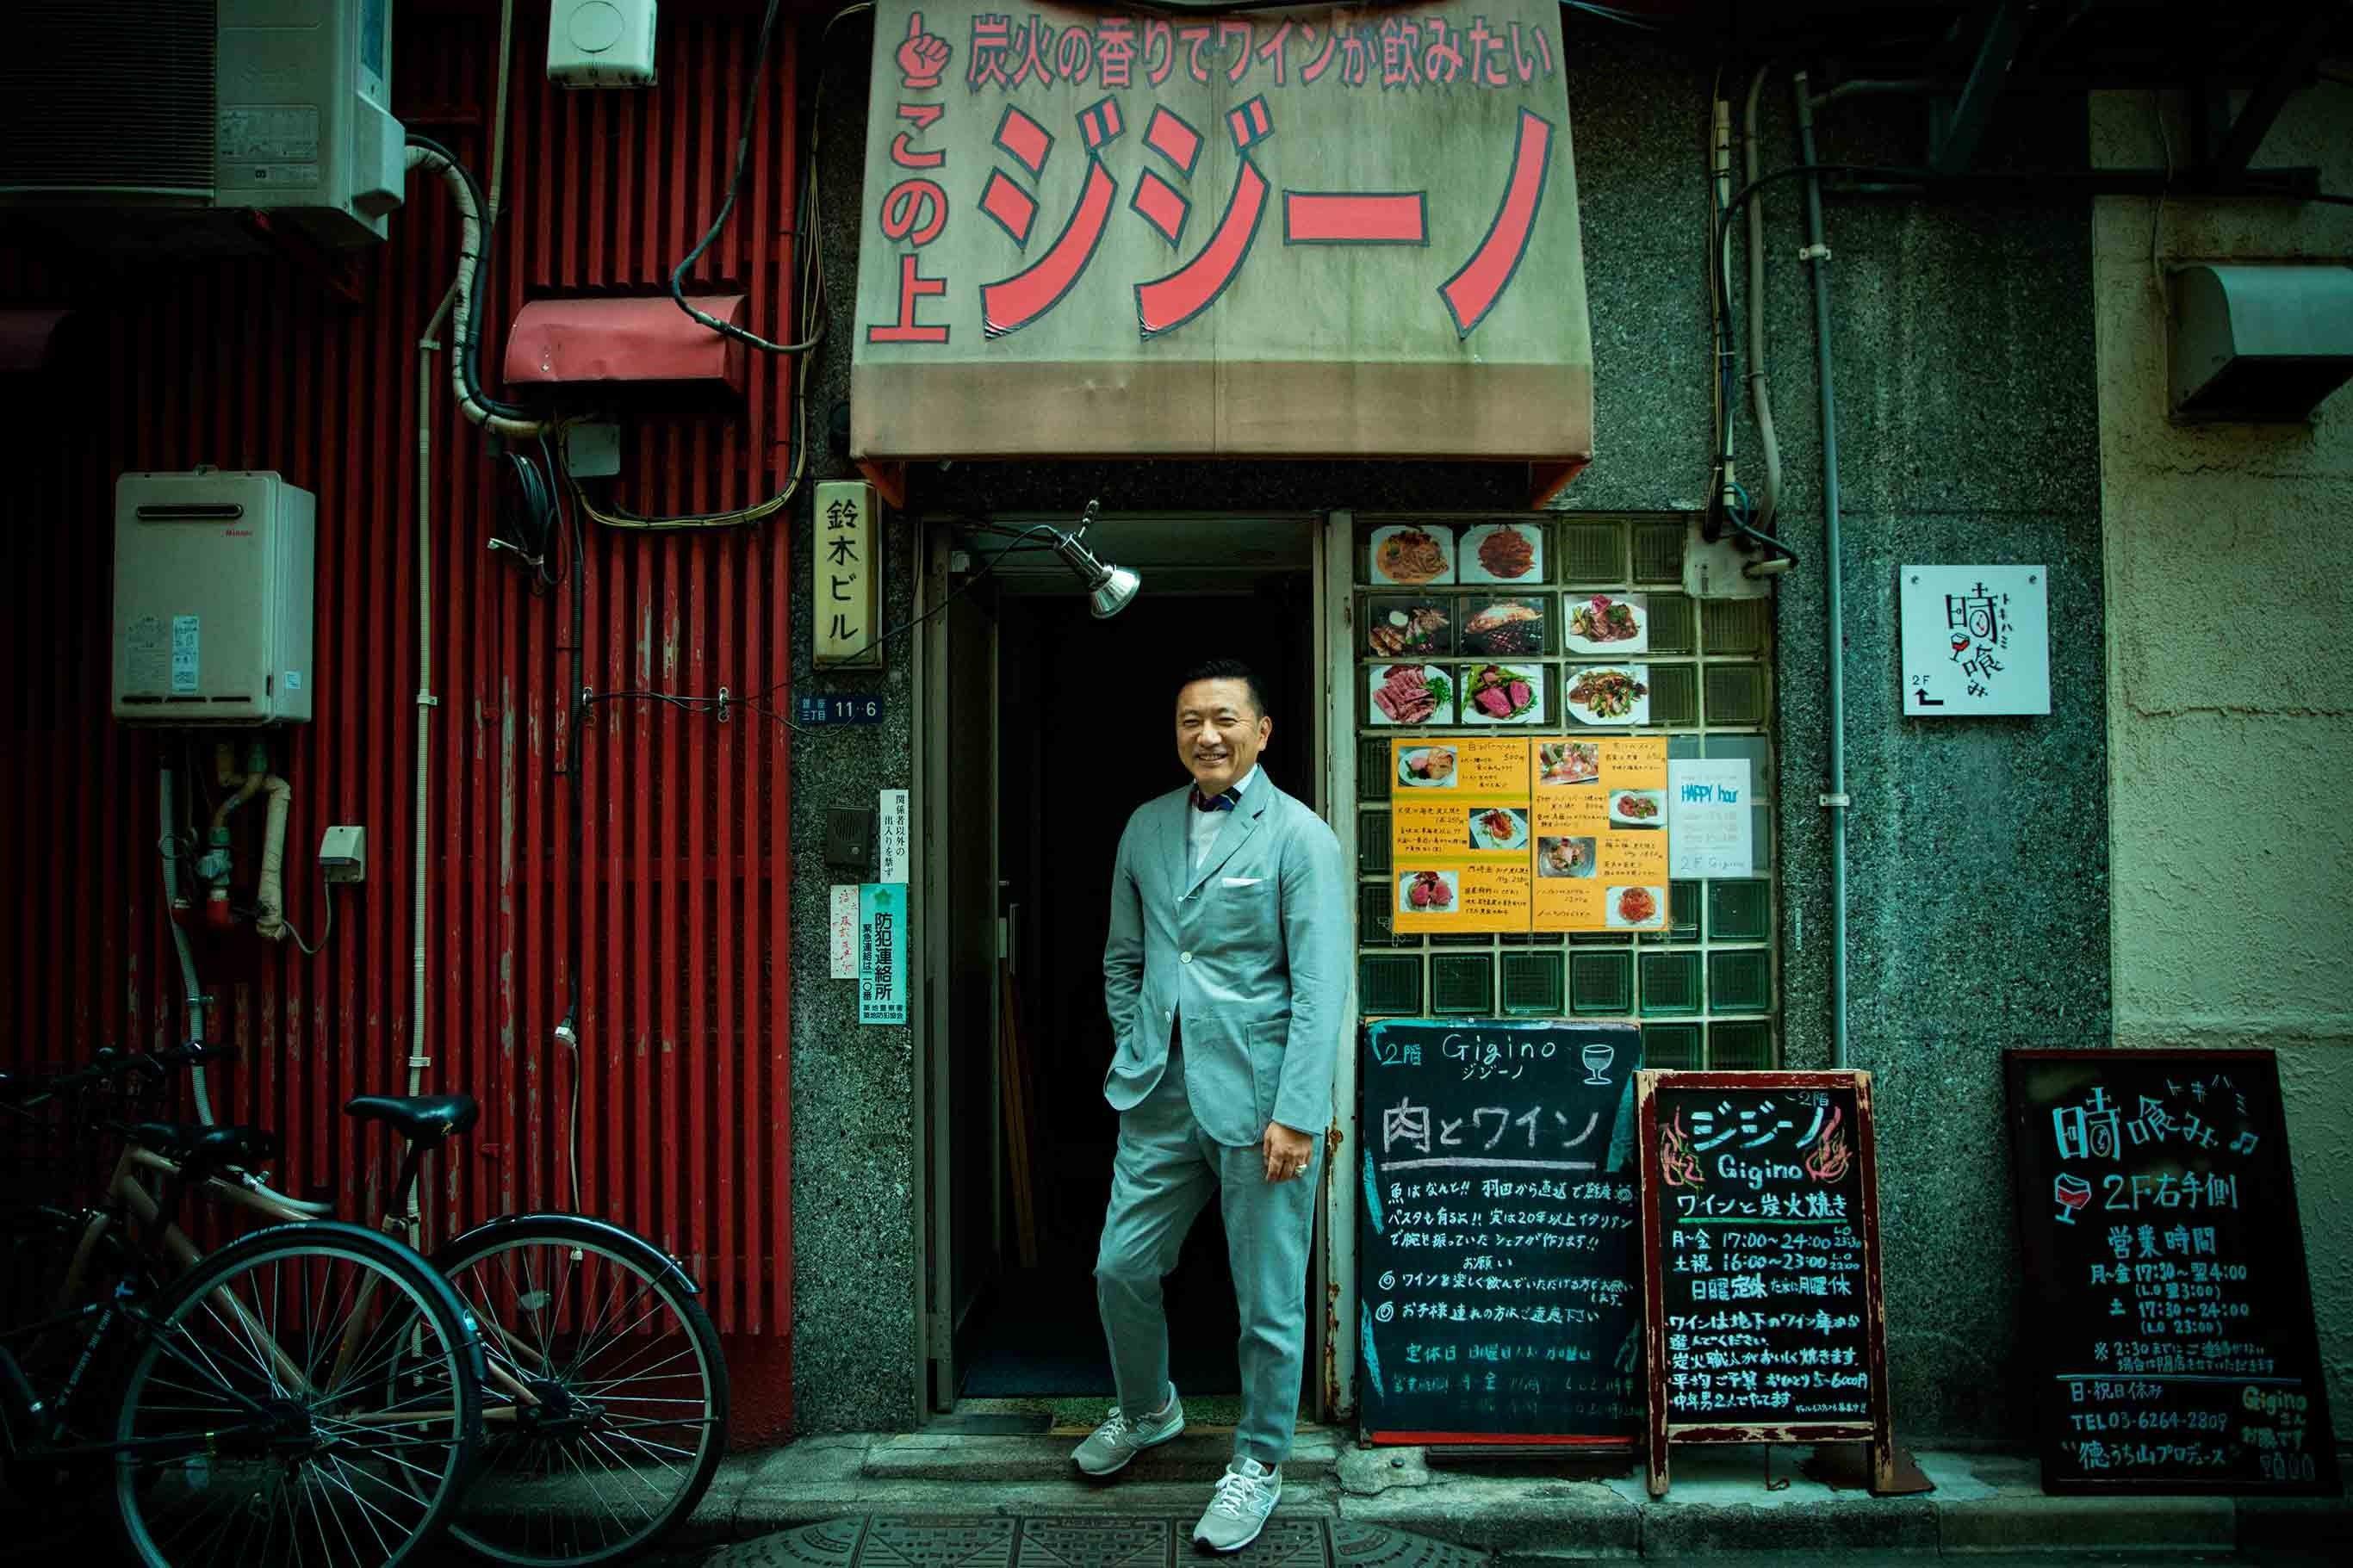 「ジジーノ」のにぎやかな店の入り口で。昨今、木挽町界隈は個性的な飲食店が増え、自由で多様性に富む魅力的な街になっている。